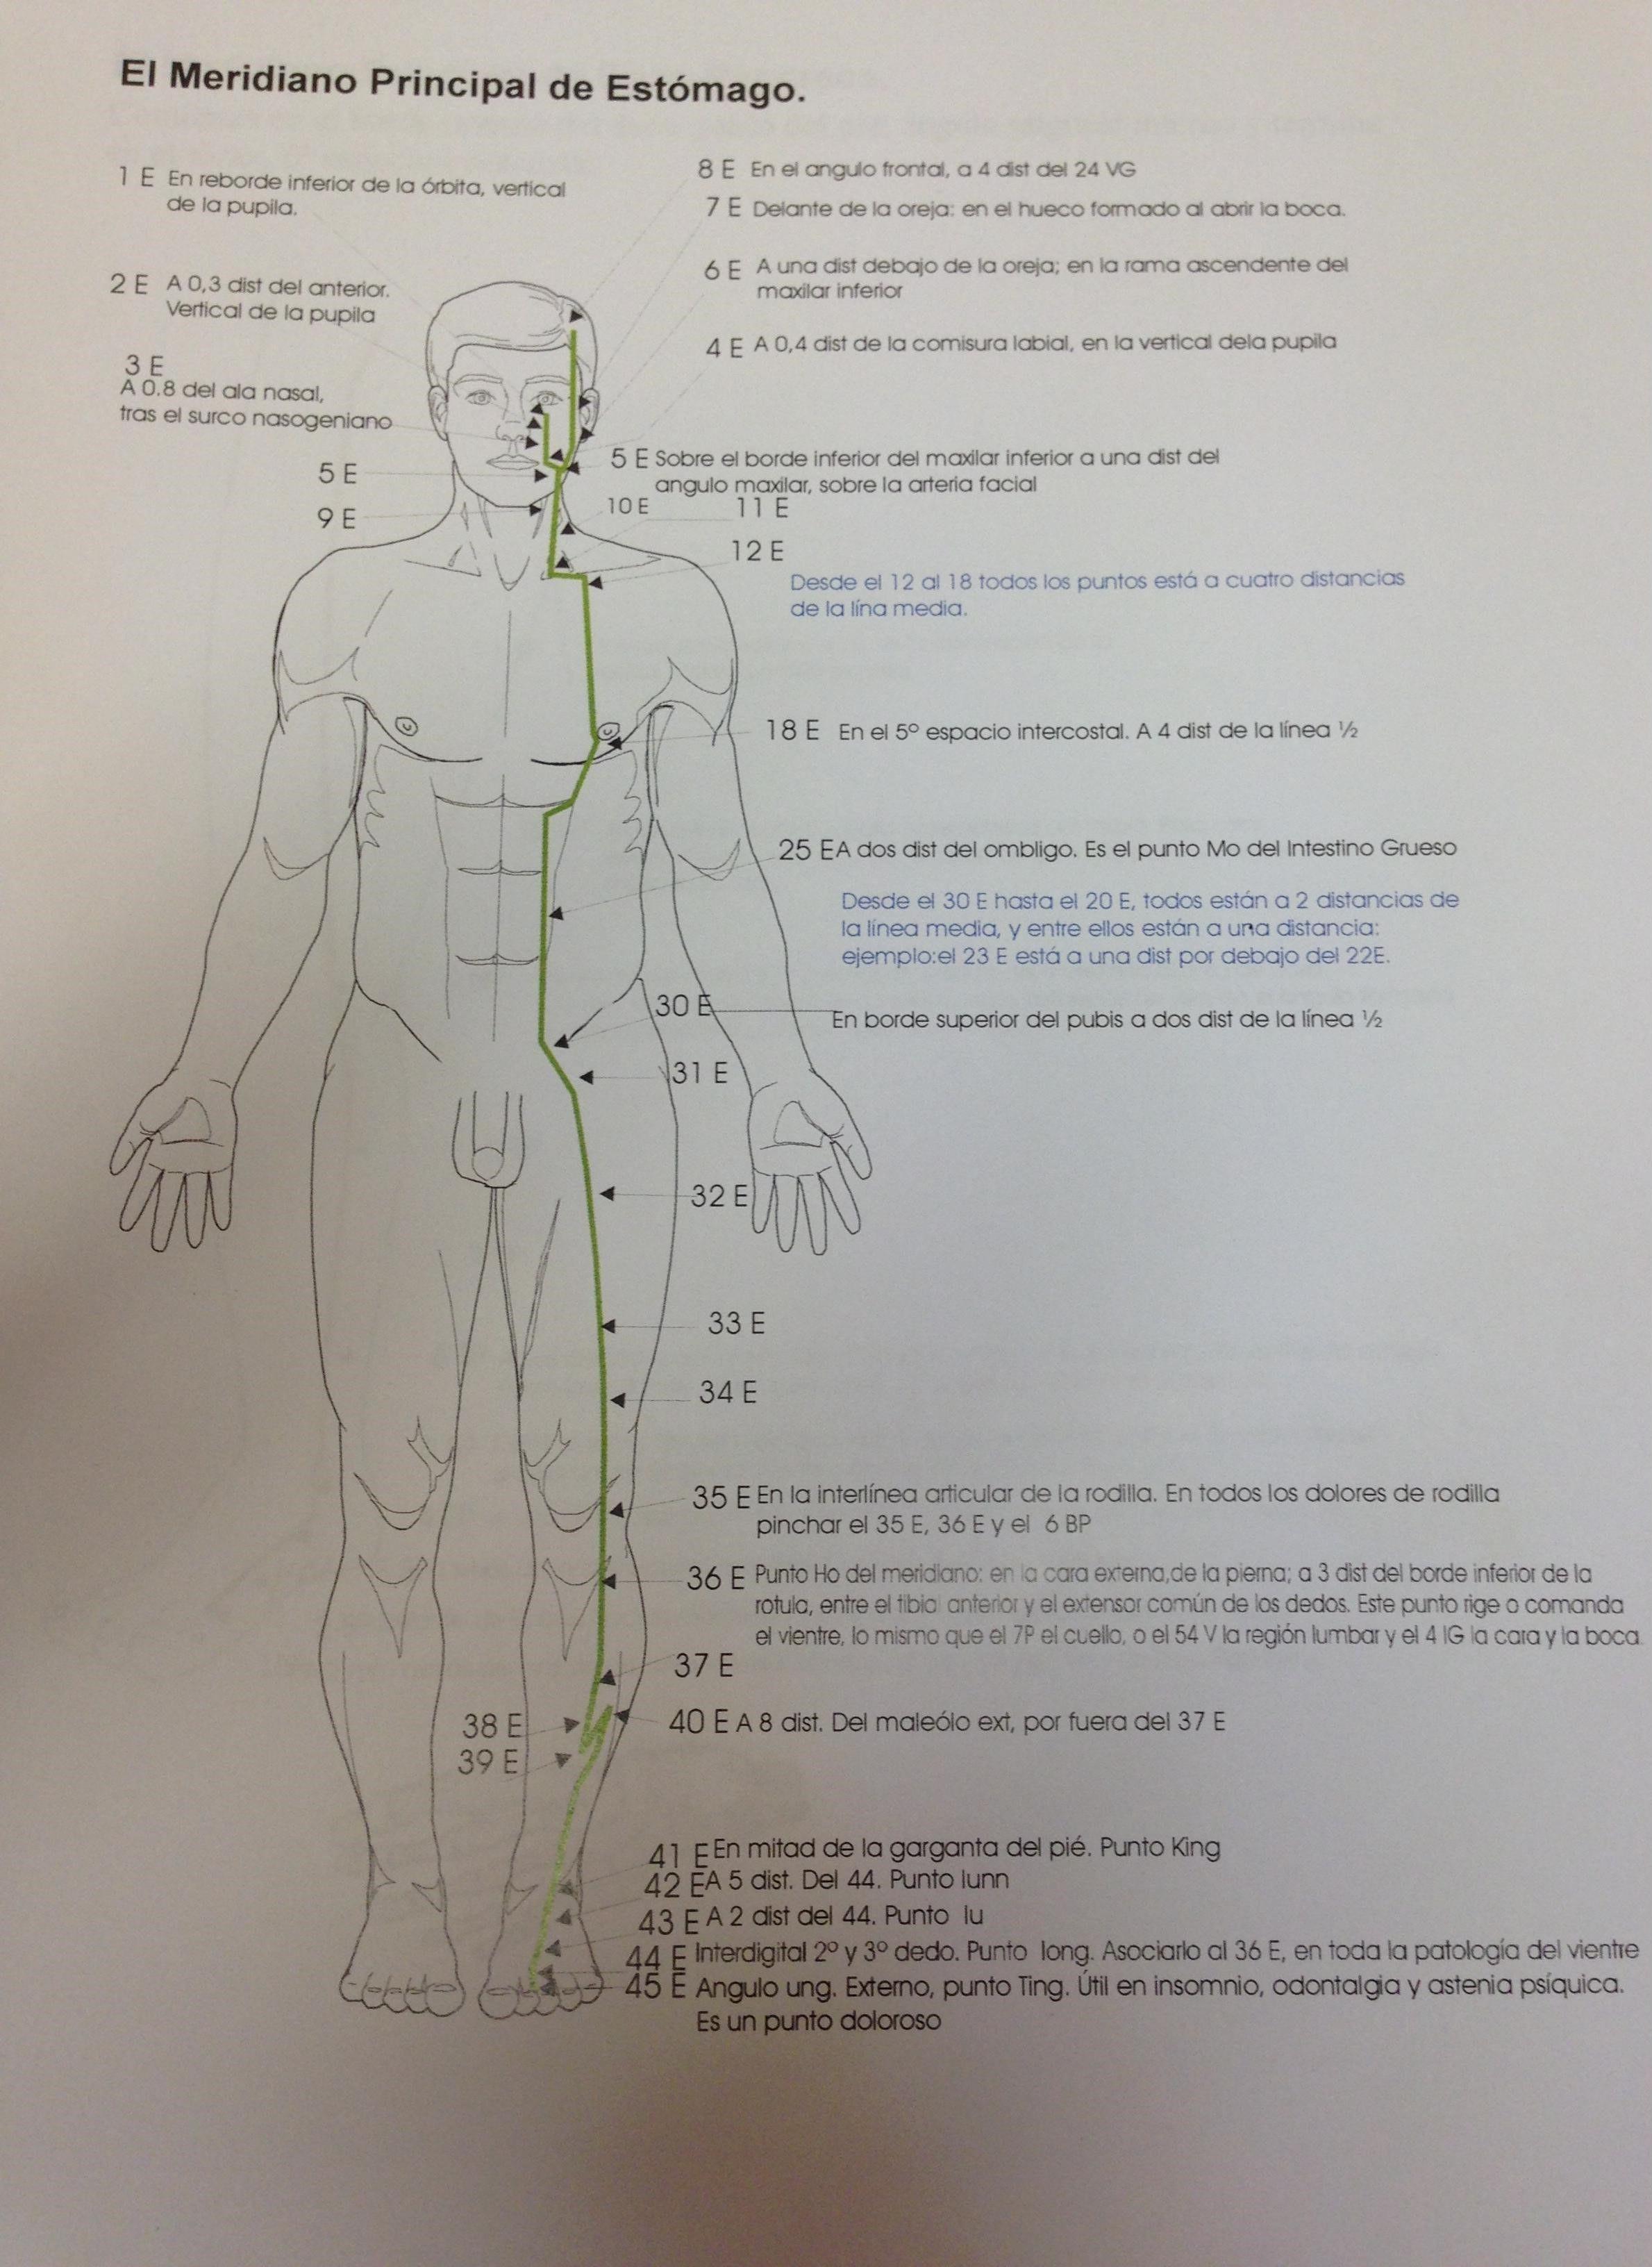 Principios básicos de la acupuntura, 3º parte - Publicaciones ...